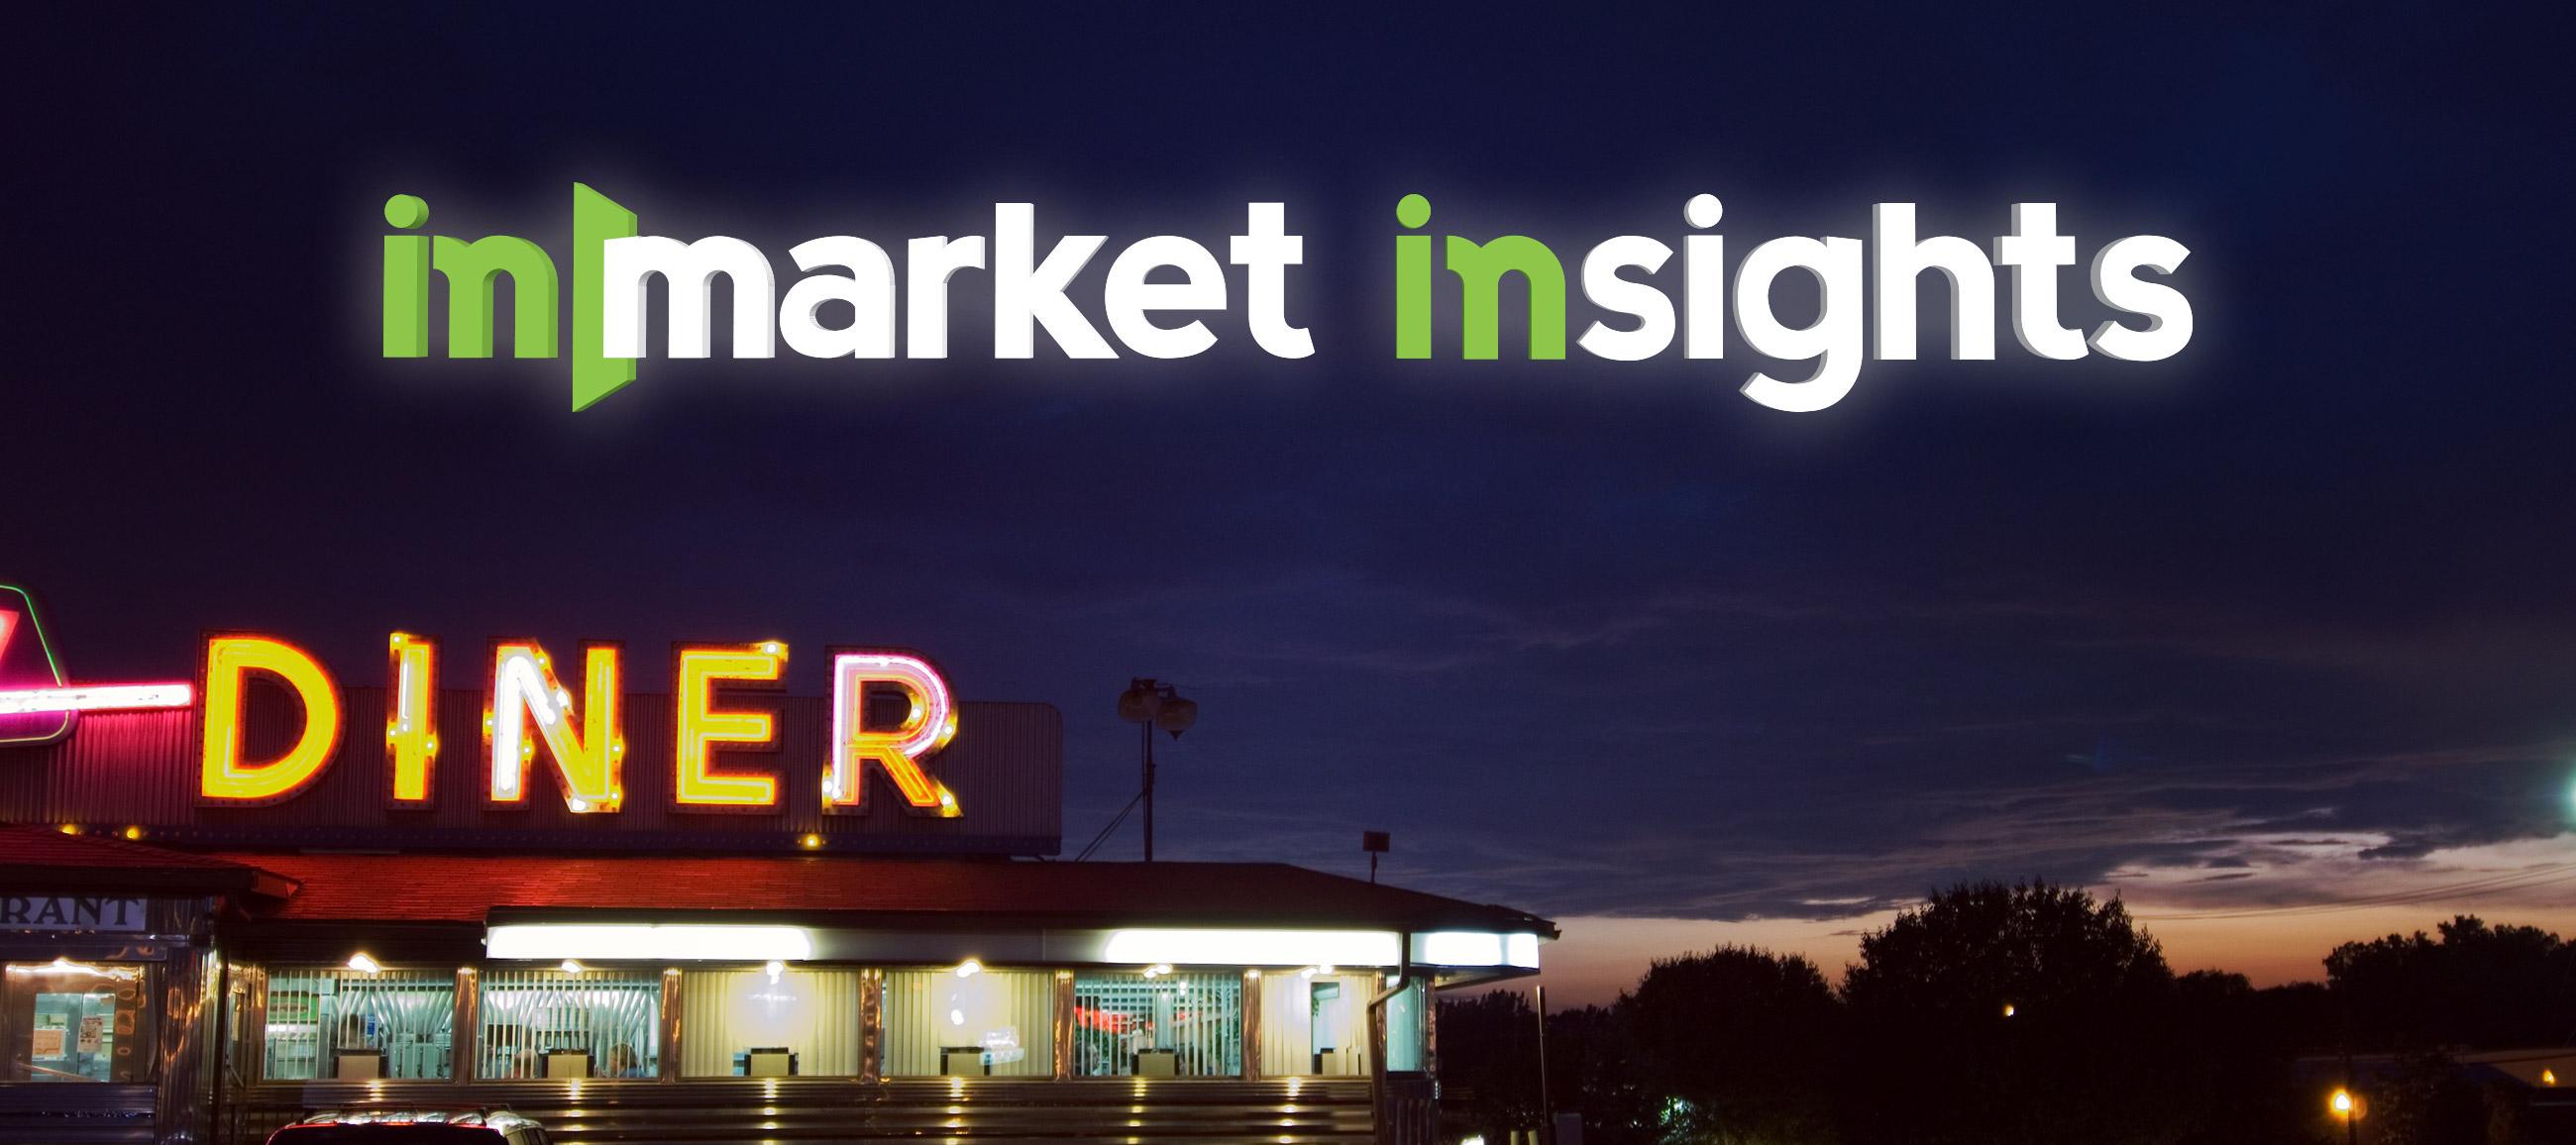 inSights-LateNight-header-img2.jpg